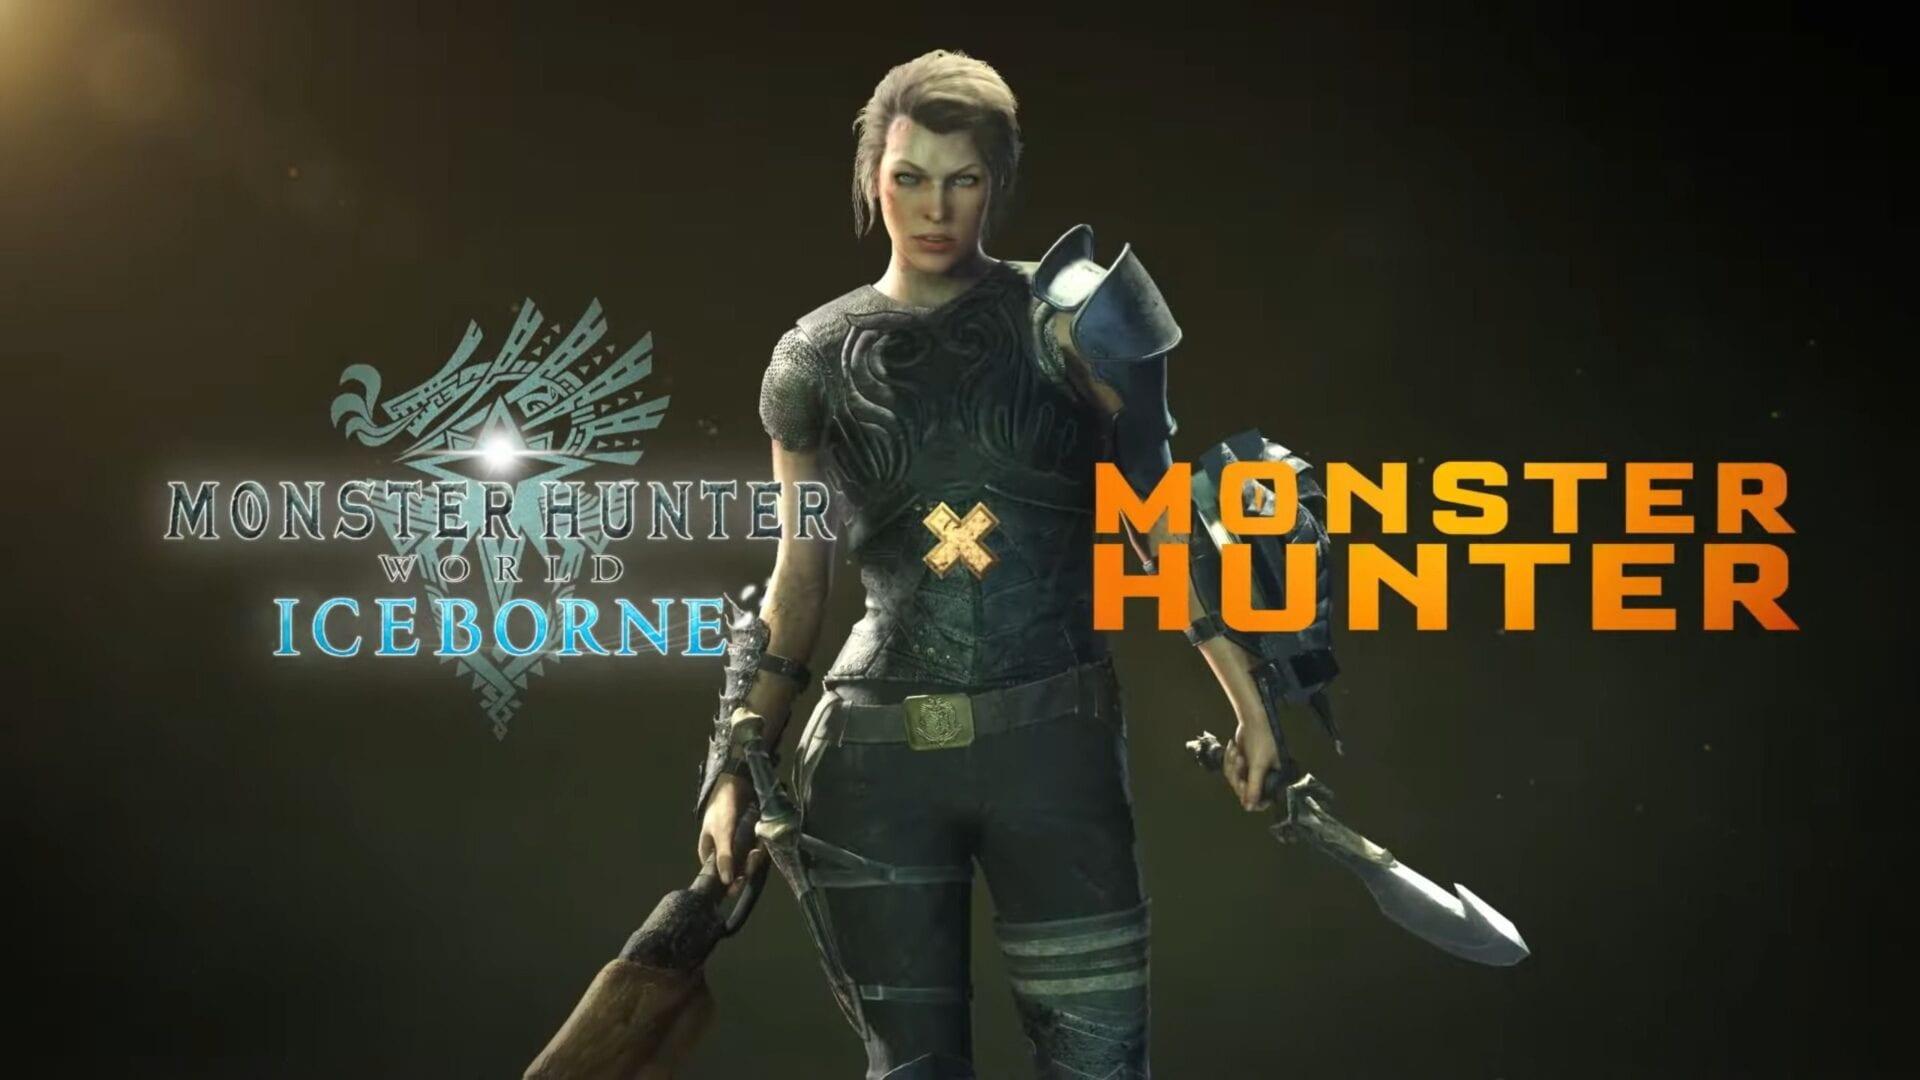 Monster Hunter World Iceborne Movie